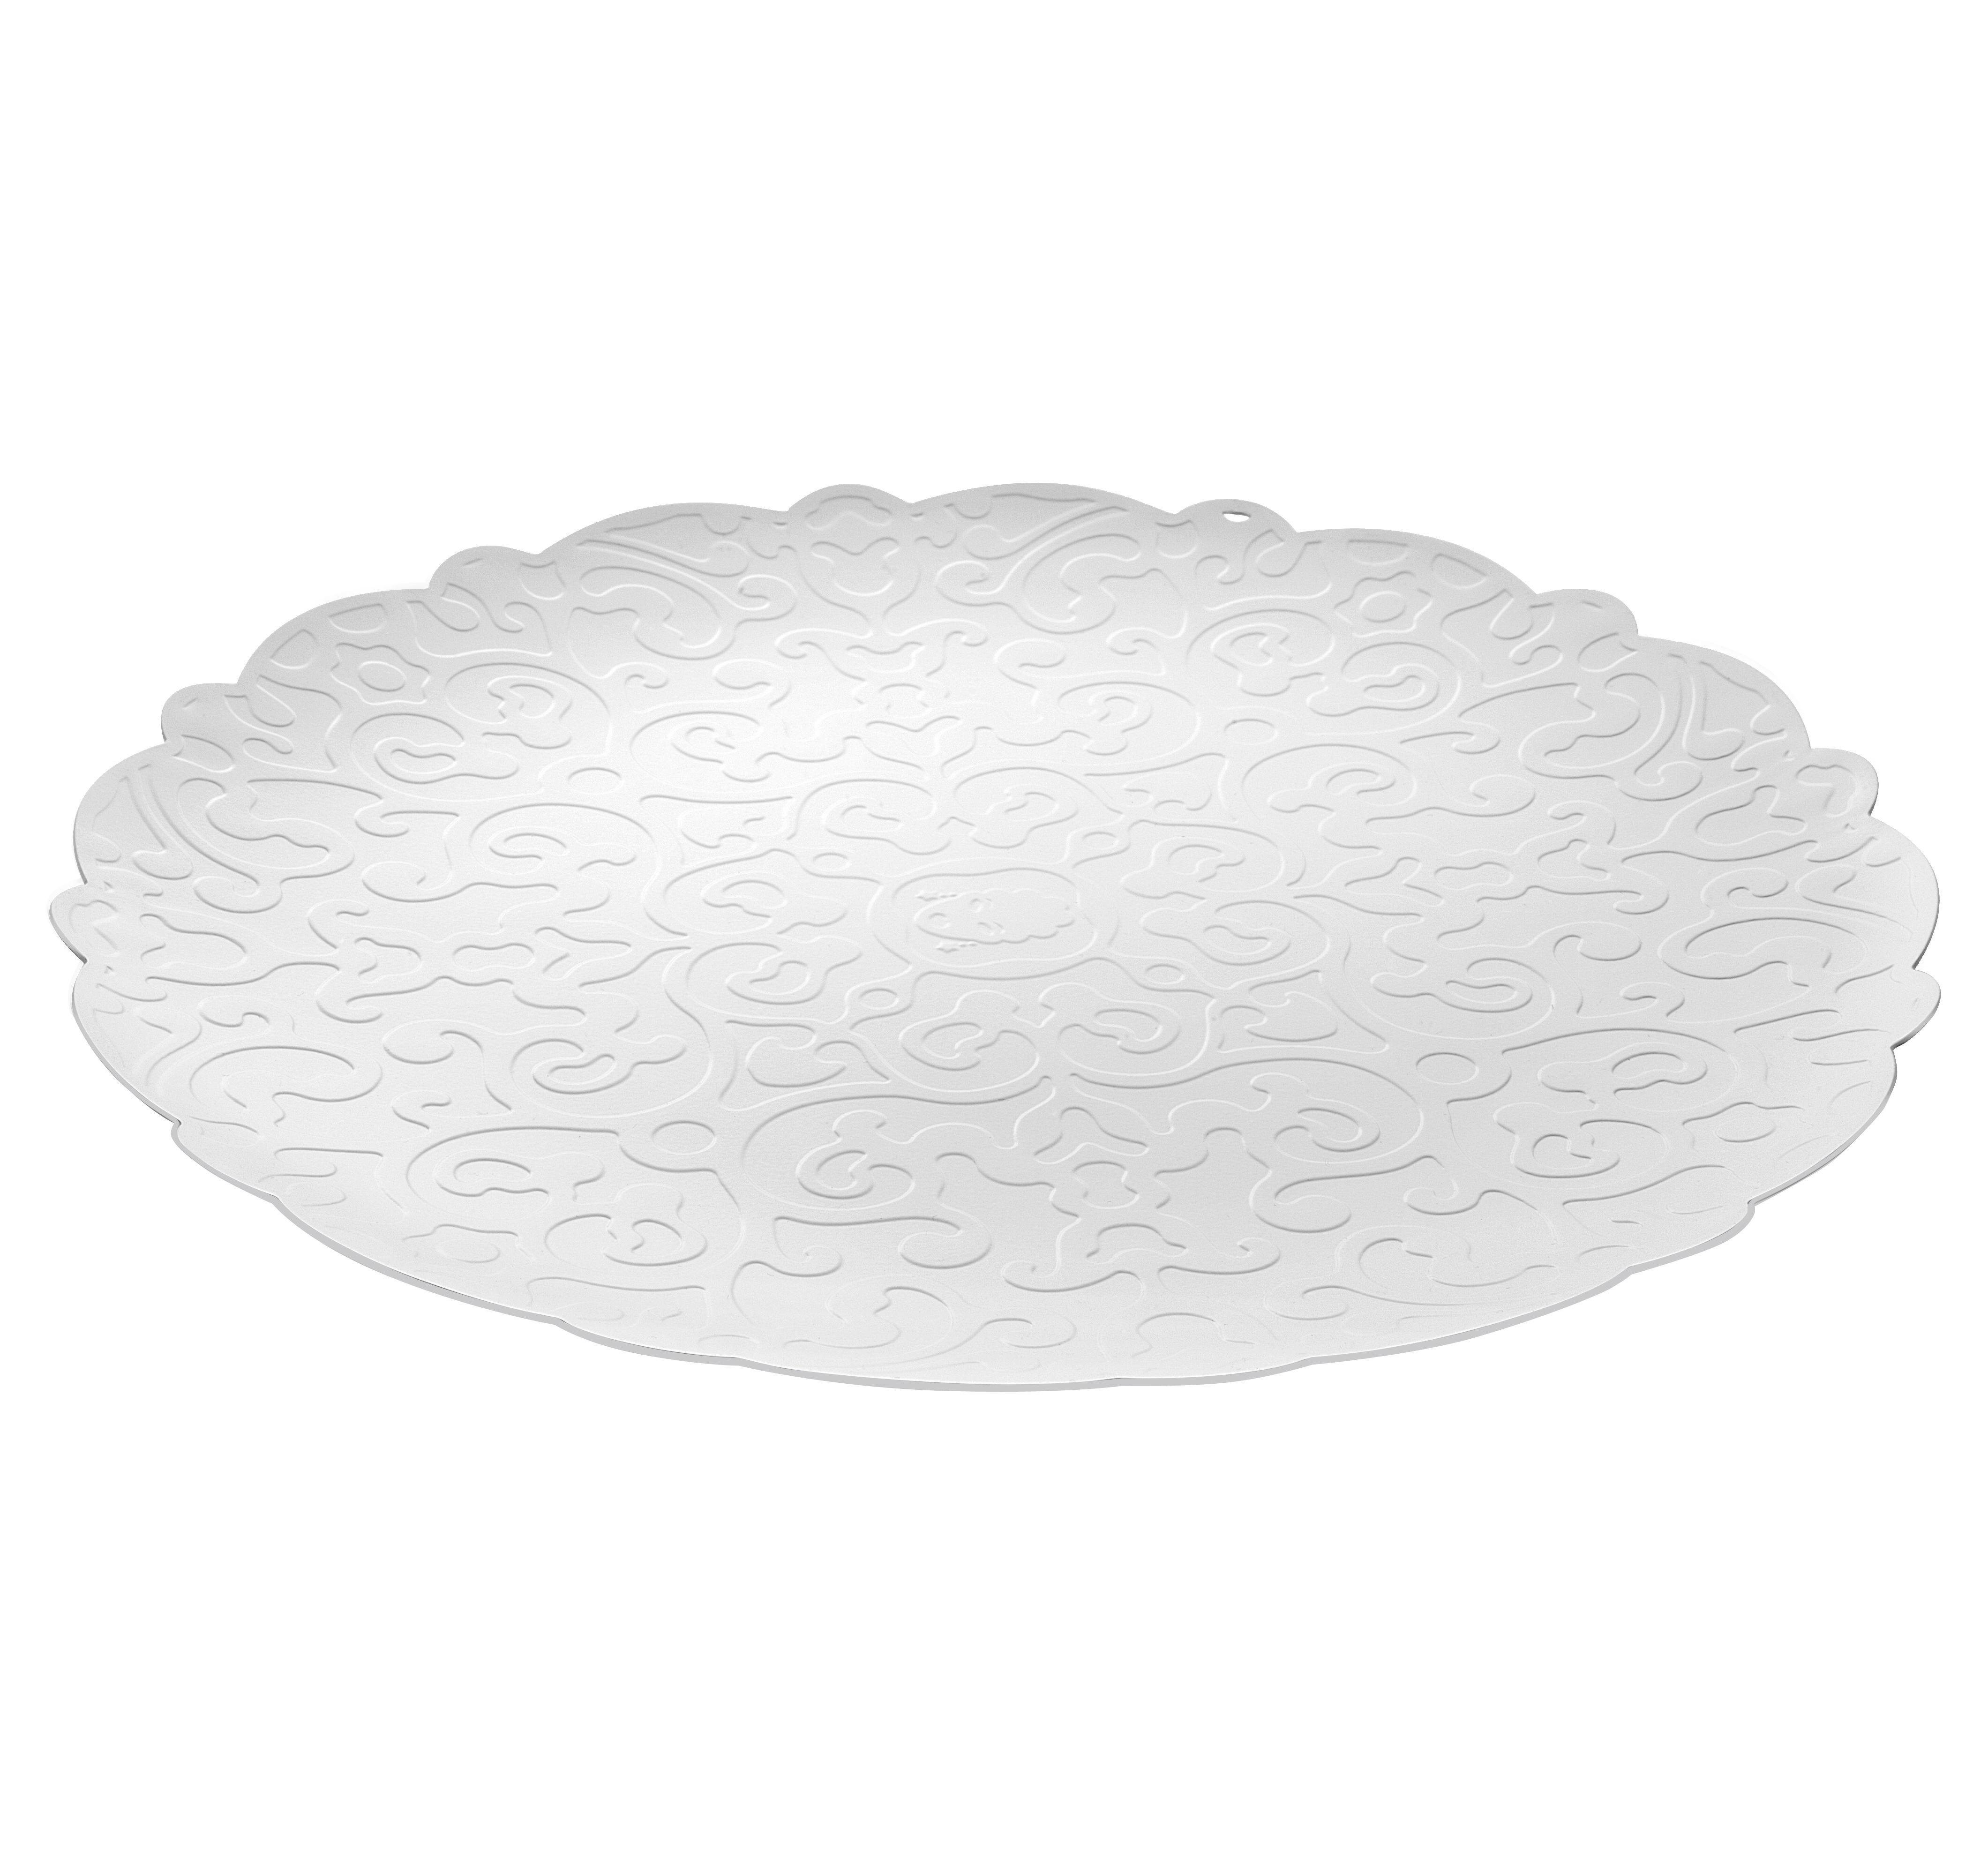 Arts de la table - Plateaux - Plateau Dressed Ø 35 cm / Sous-assiette - Alessi - Blanc - Acier inoxydable avec coloration résine époxy